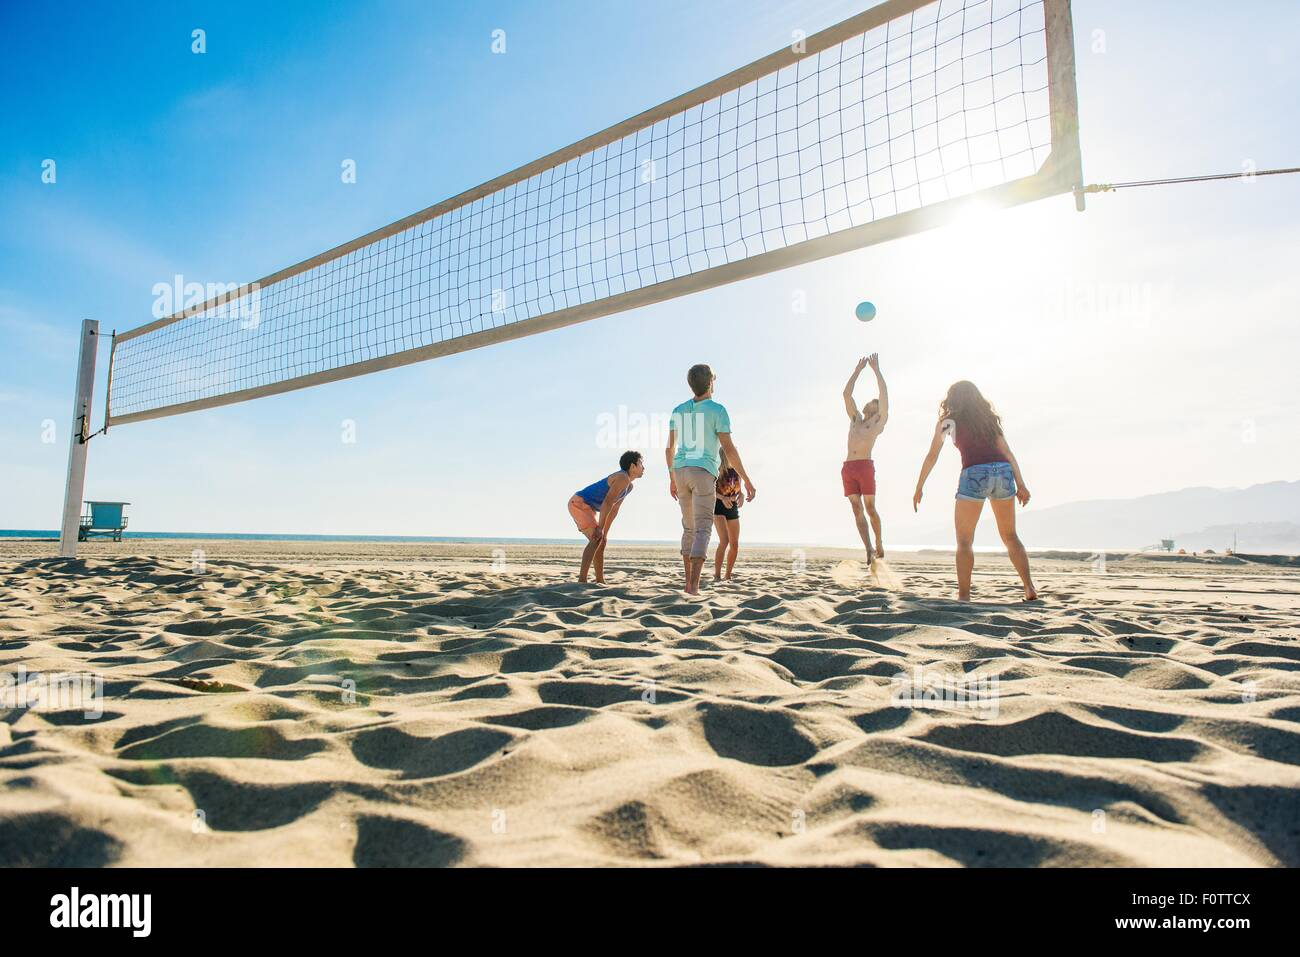 Grupo de amigos jugando voleibol en la playa Imagen De Stock